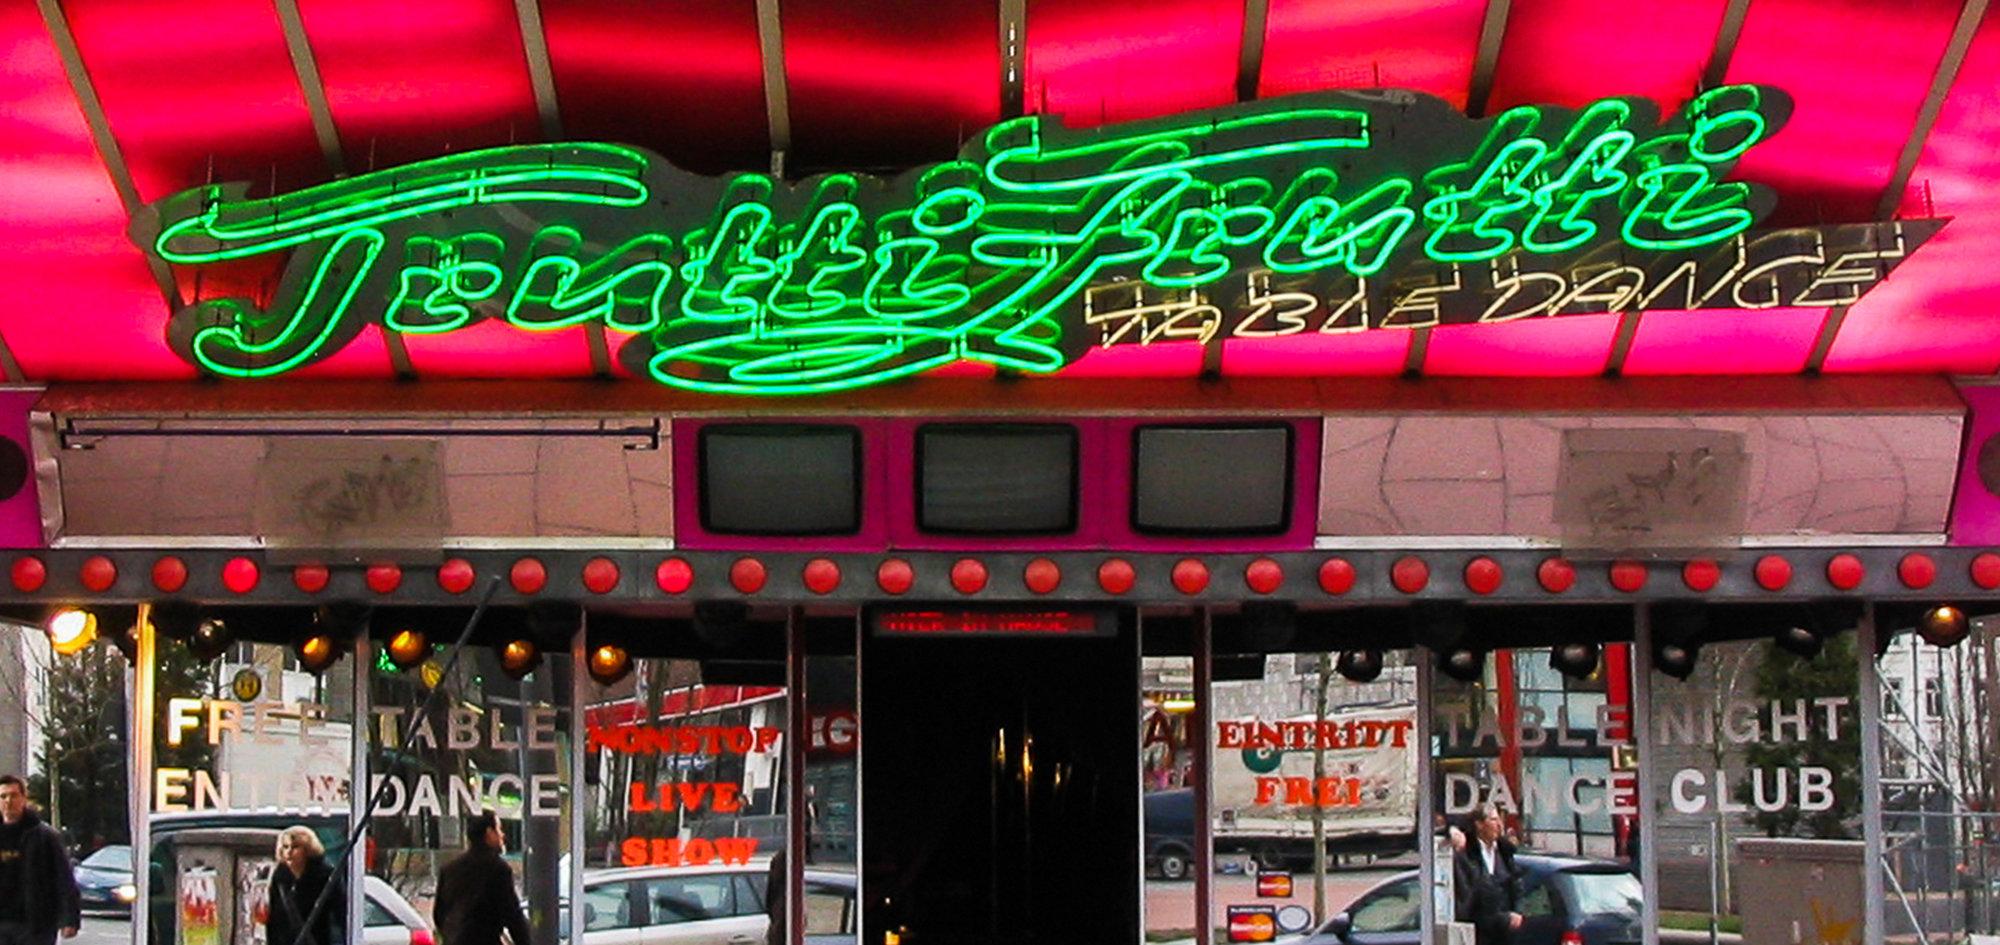 Das Foto zeigt eine alte Neon Werbung auf der Reeperbahn in Hamburg. Vom Tabledance Tutti Frutti